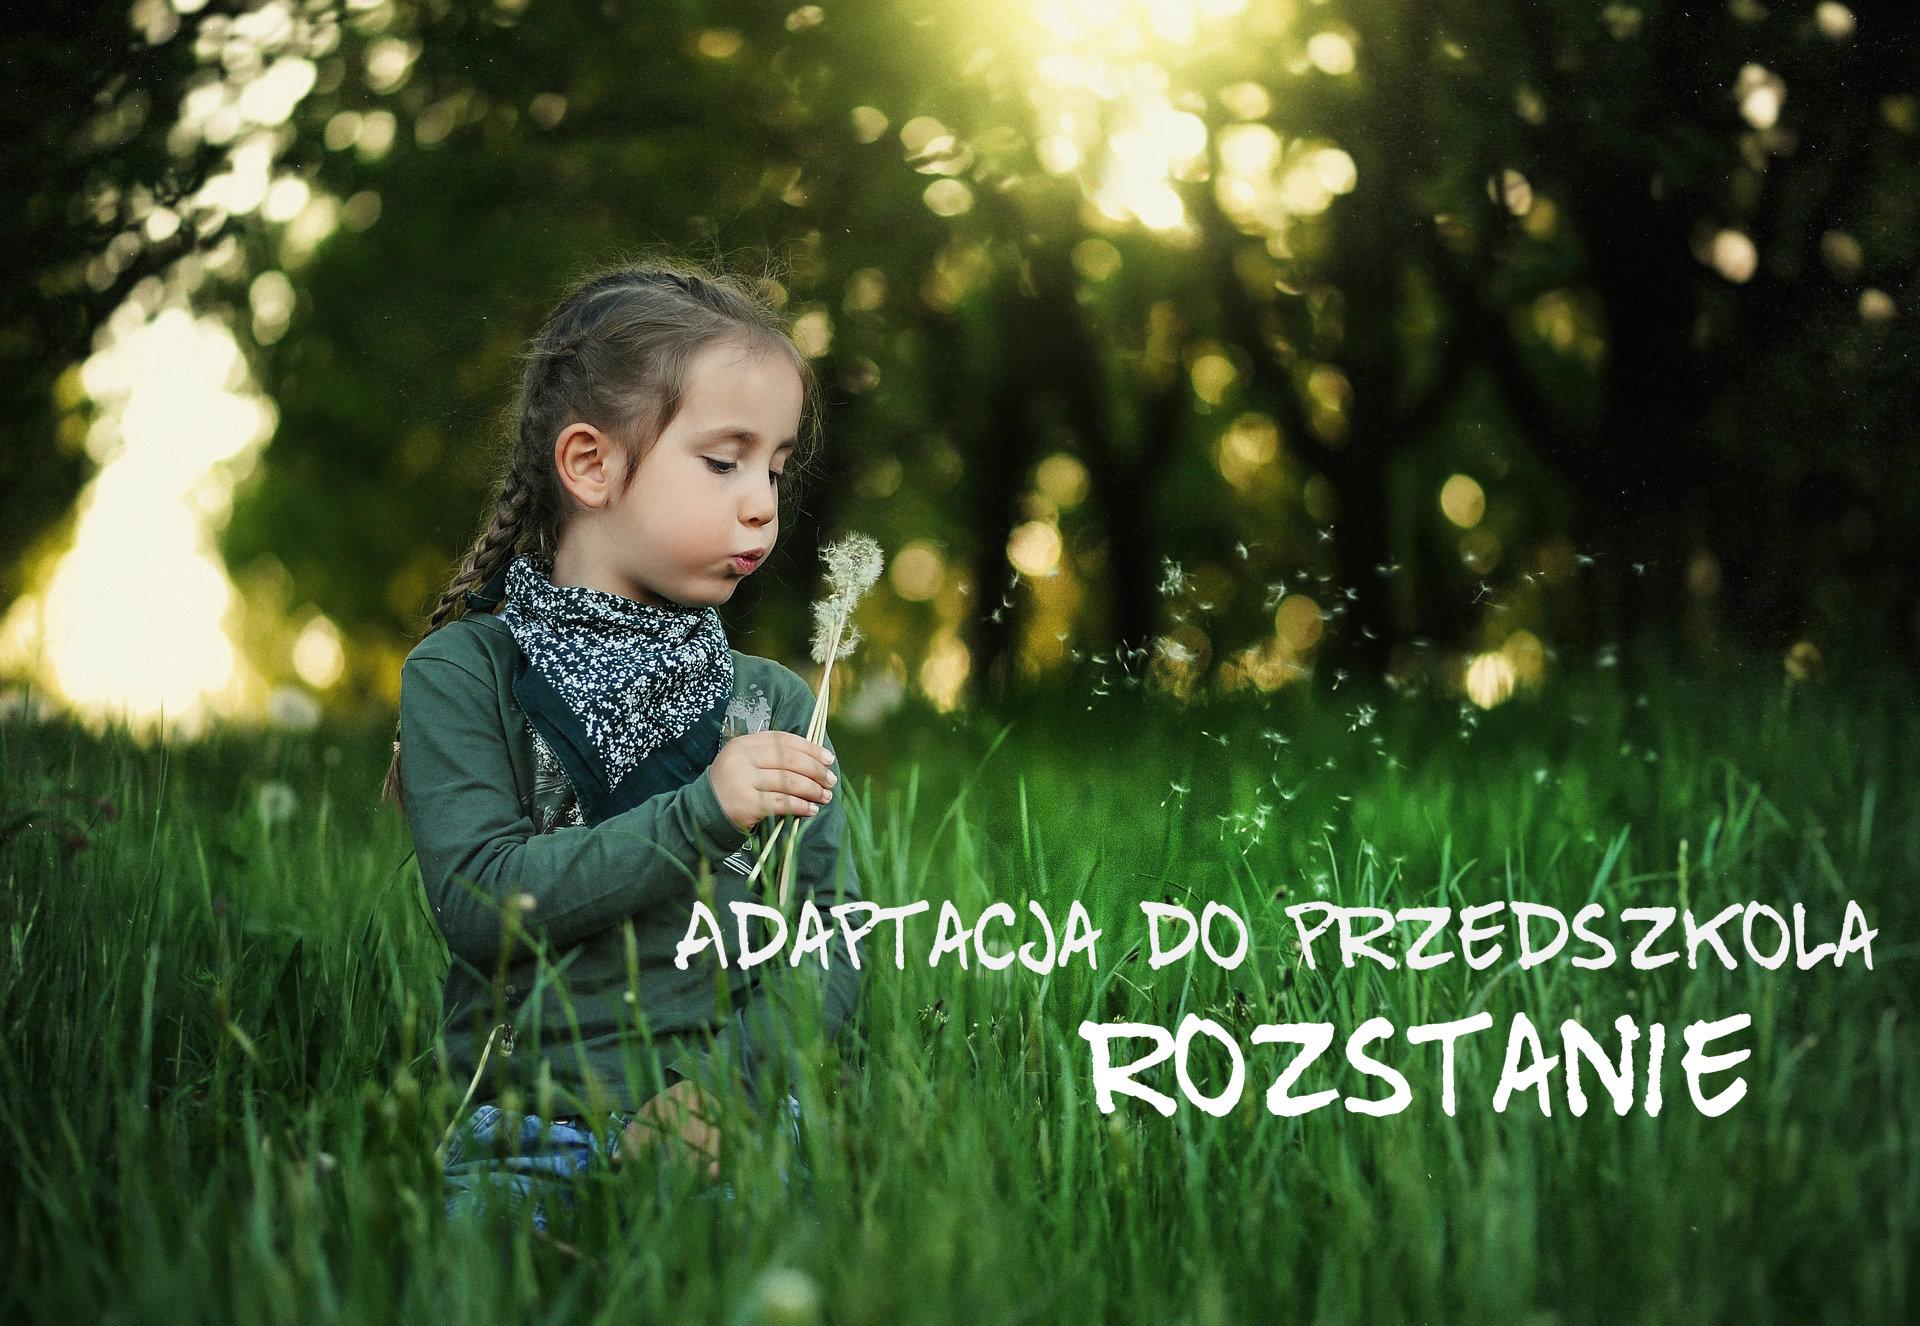 Adaptacja doprzedszkola – rozstanie